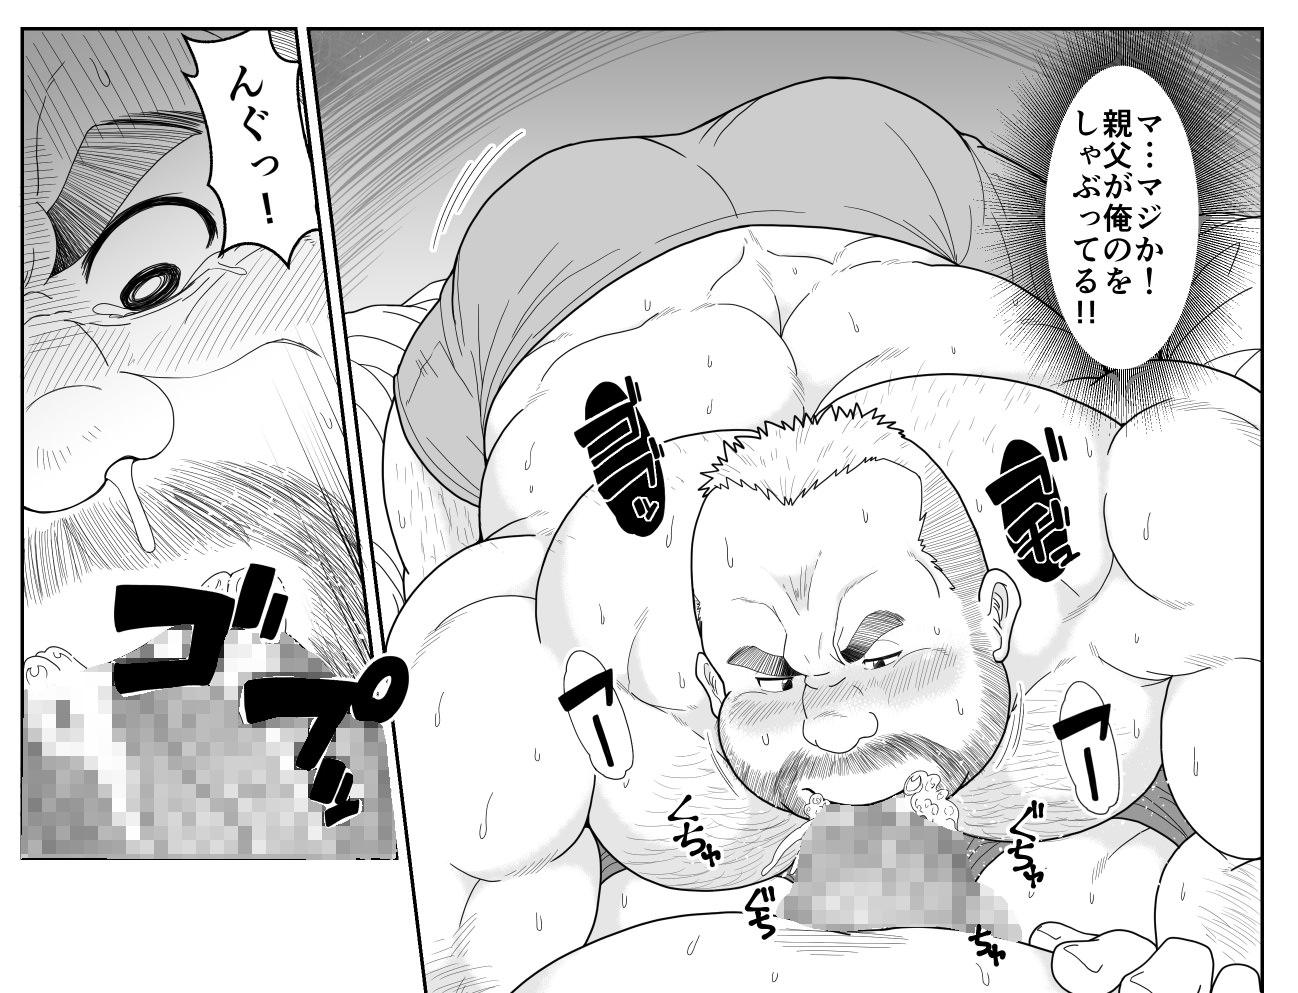 [べあている] の【親父の覚醒】